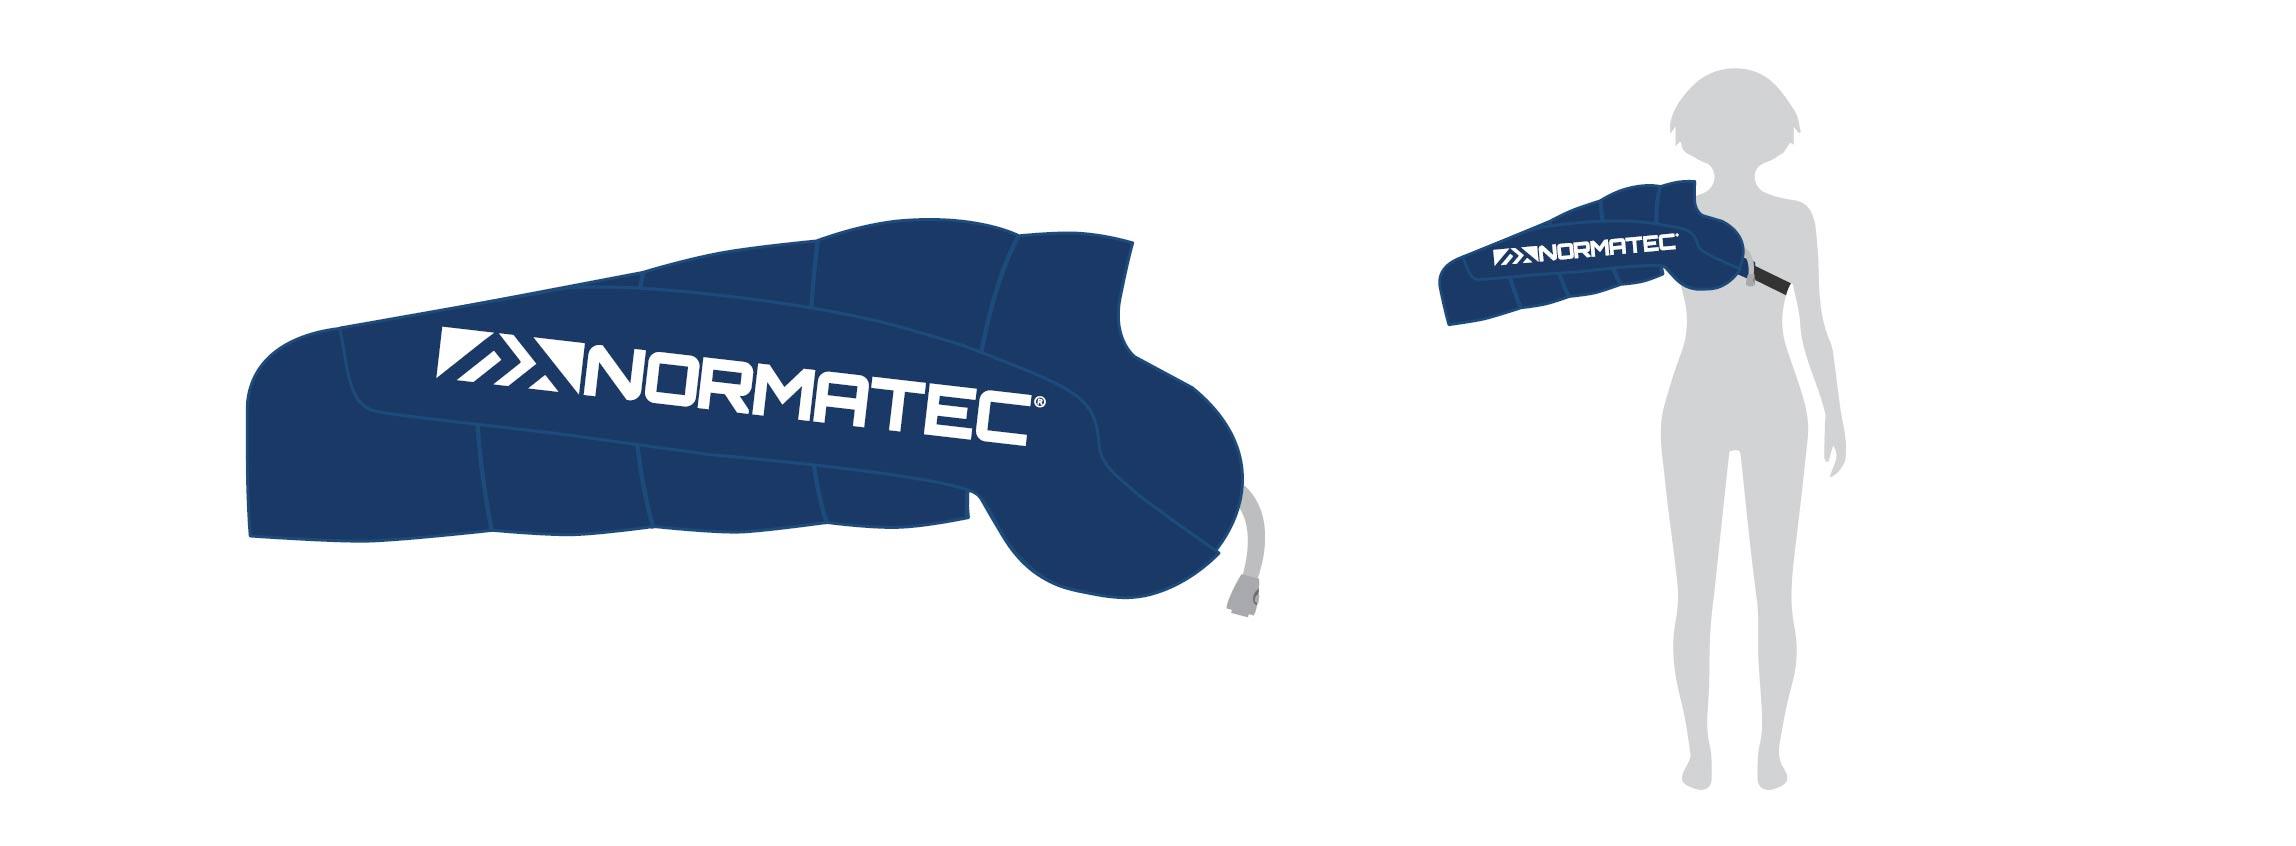 NormaTec Via Arms